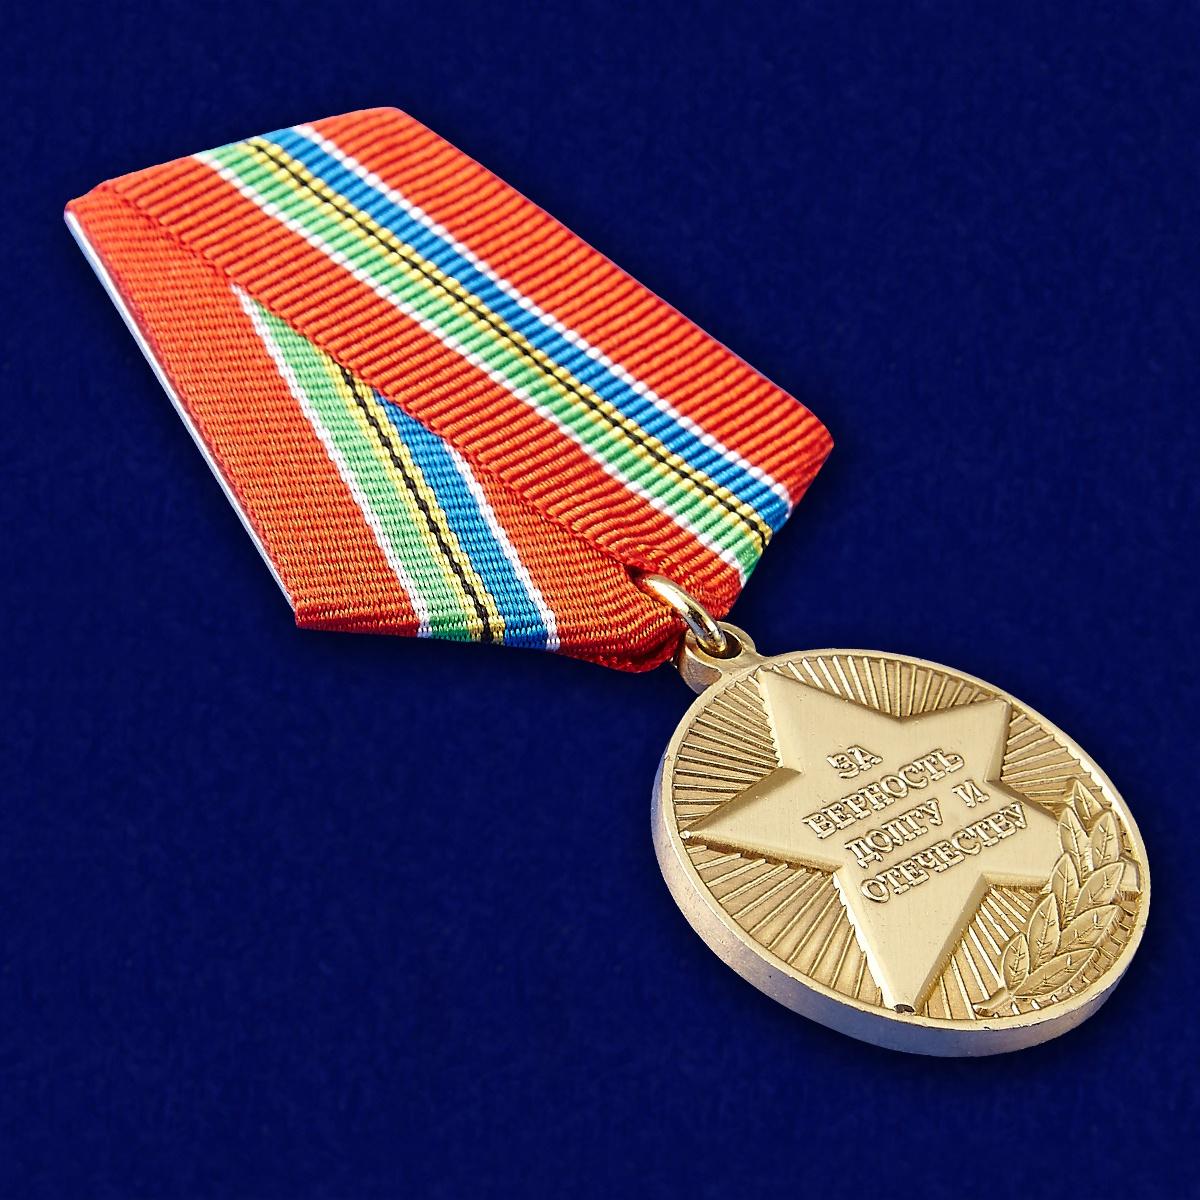 Медаль За верность долгу и Отечеству - общий вид